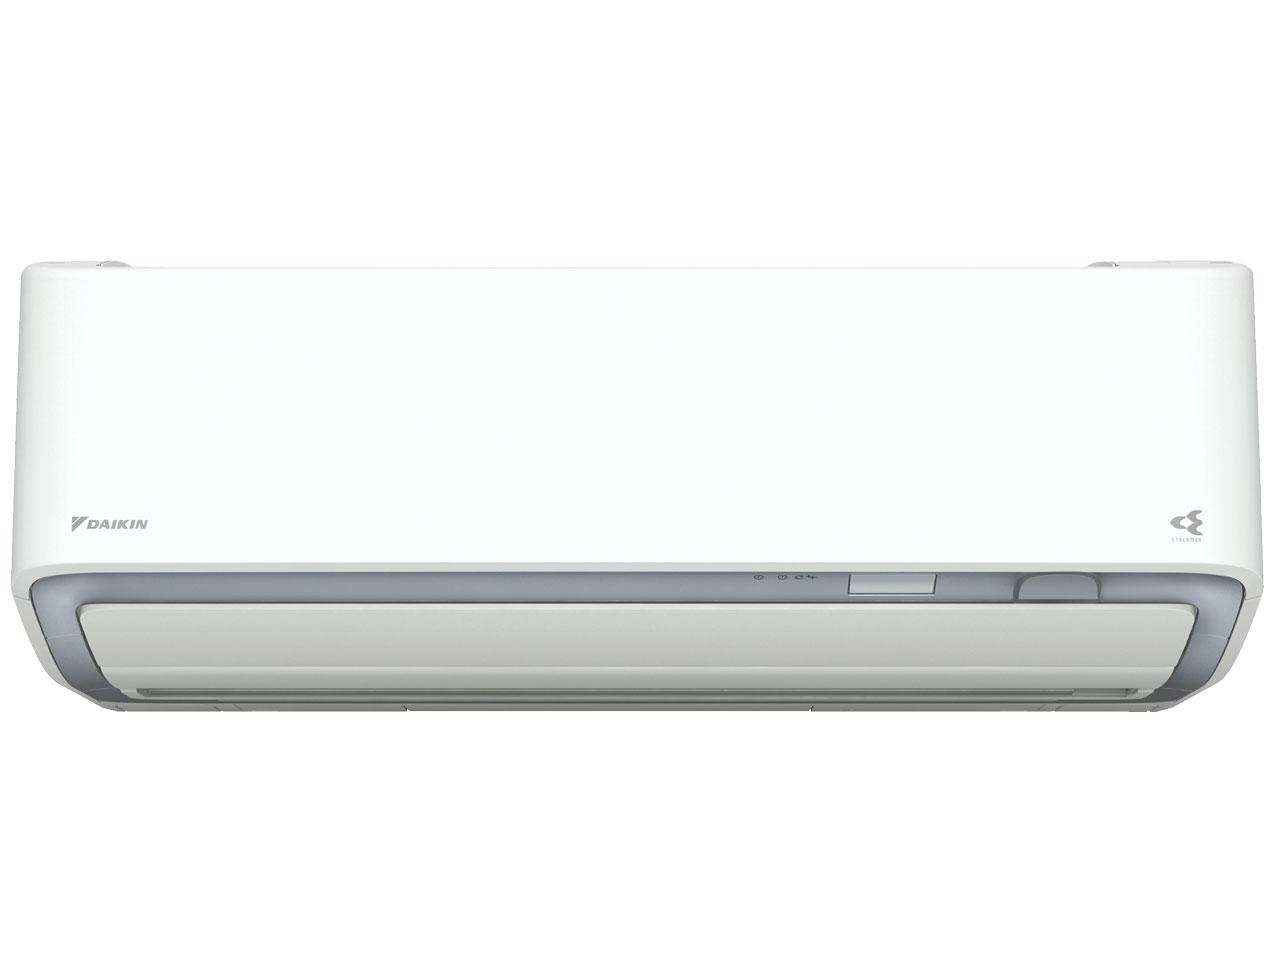 ダイキン 19年モデル DXシリーズ S28WTDXV-W 【200V用 電源直結型】10畳用冷暖房除湿エアコン